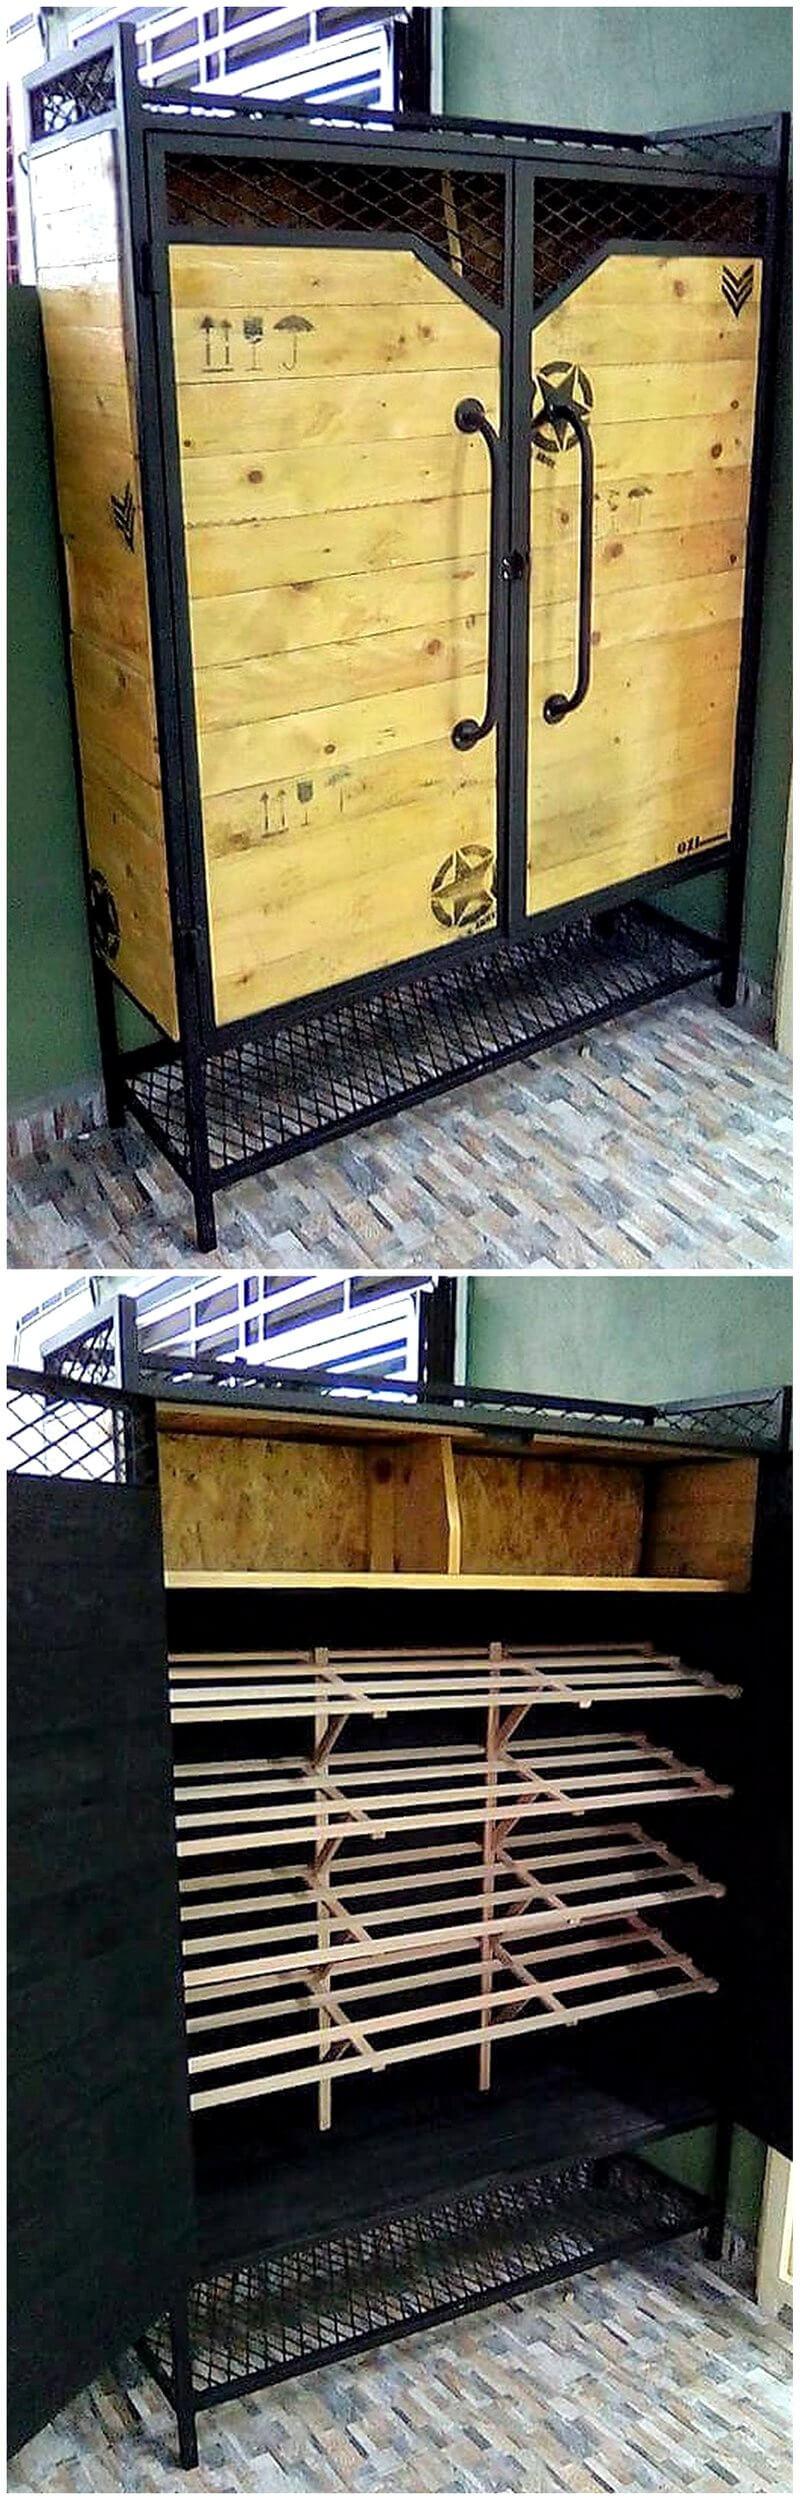 pallets storage idea